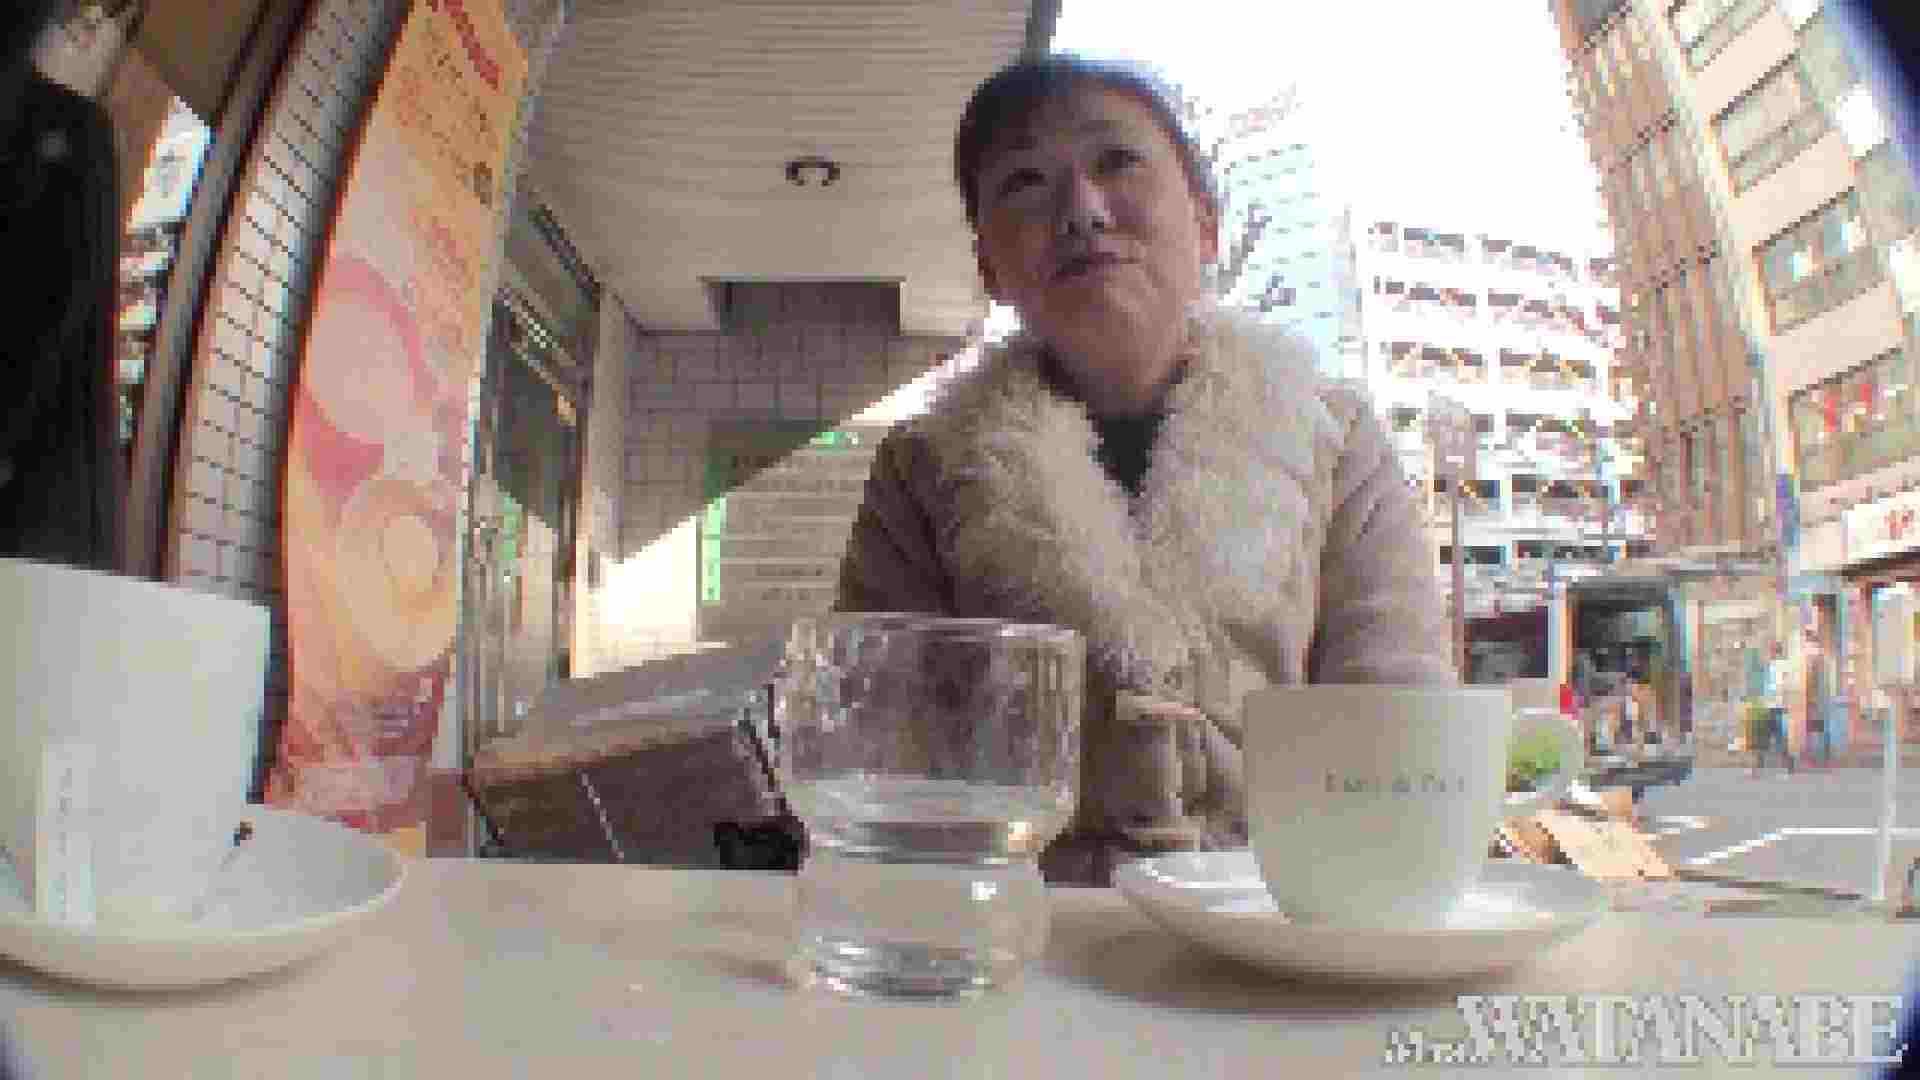 撮影スタッフを誘惑する痴熟女 かおり40歳 Vol.01 素人 | HなOL  67pic 33